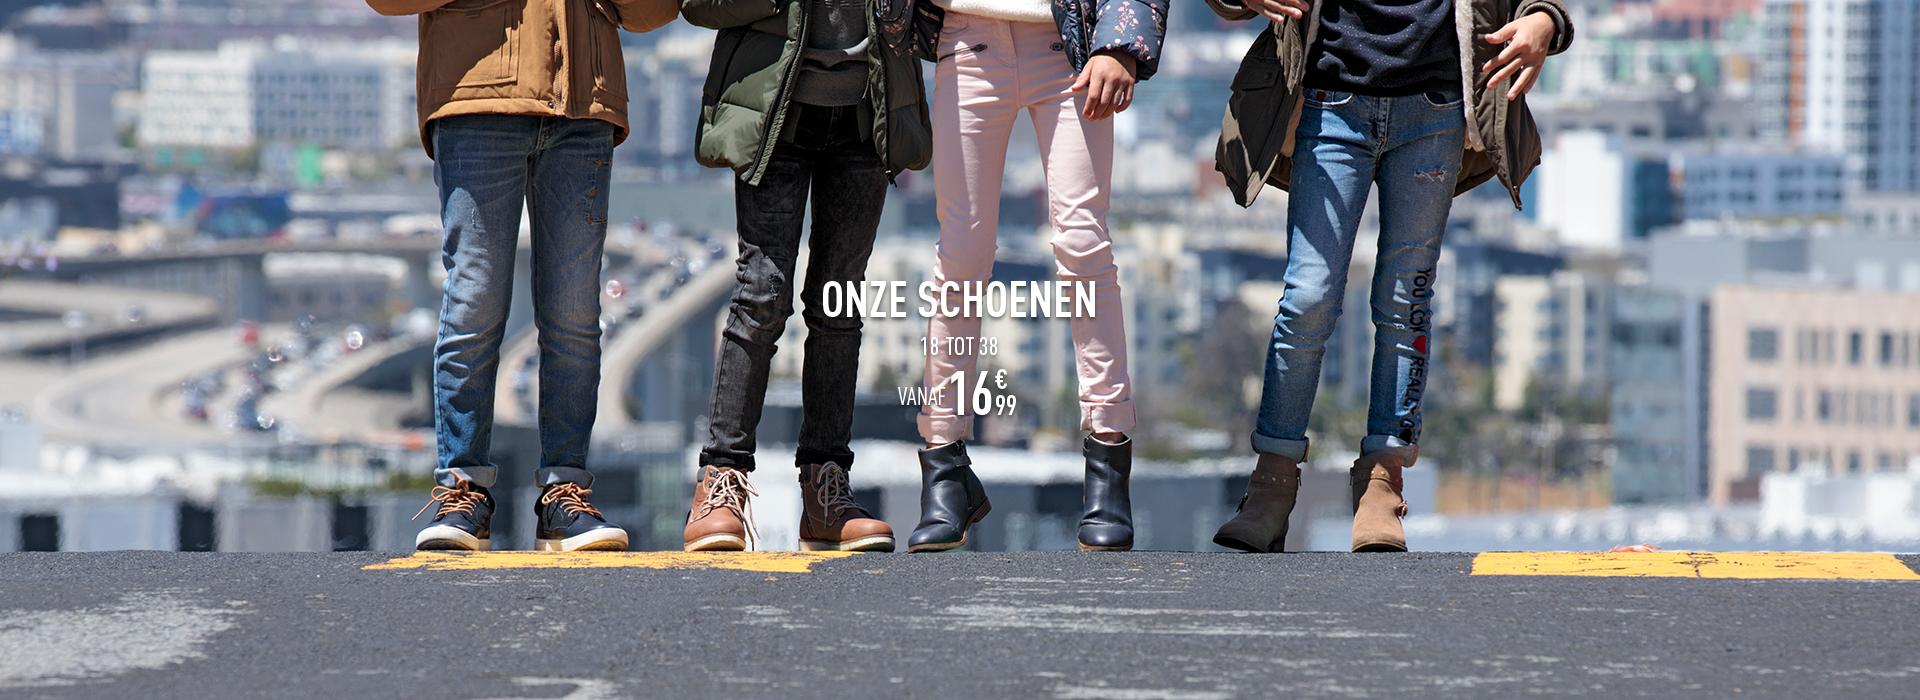 Onze schoenen